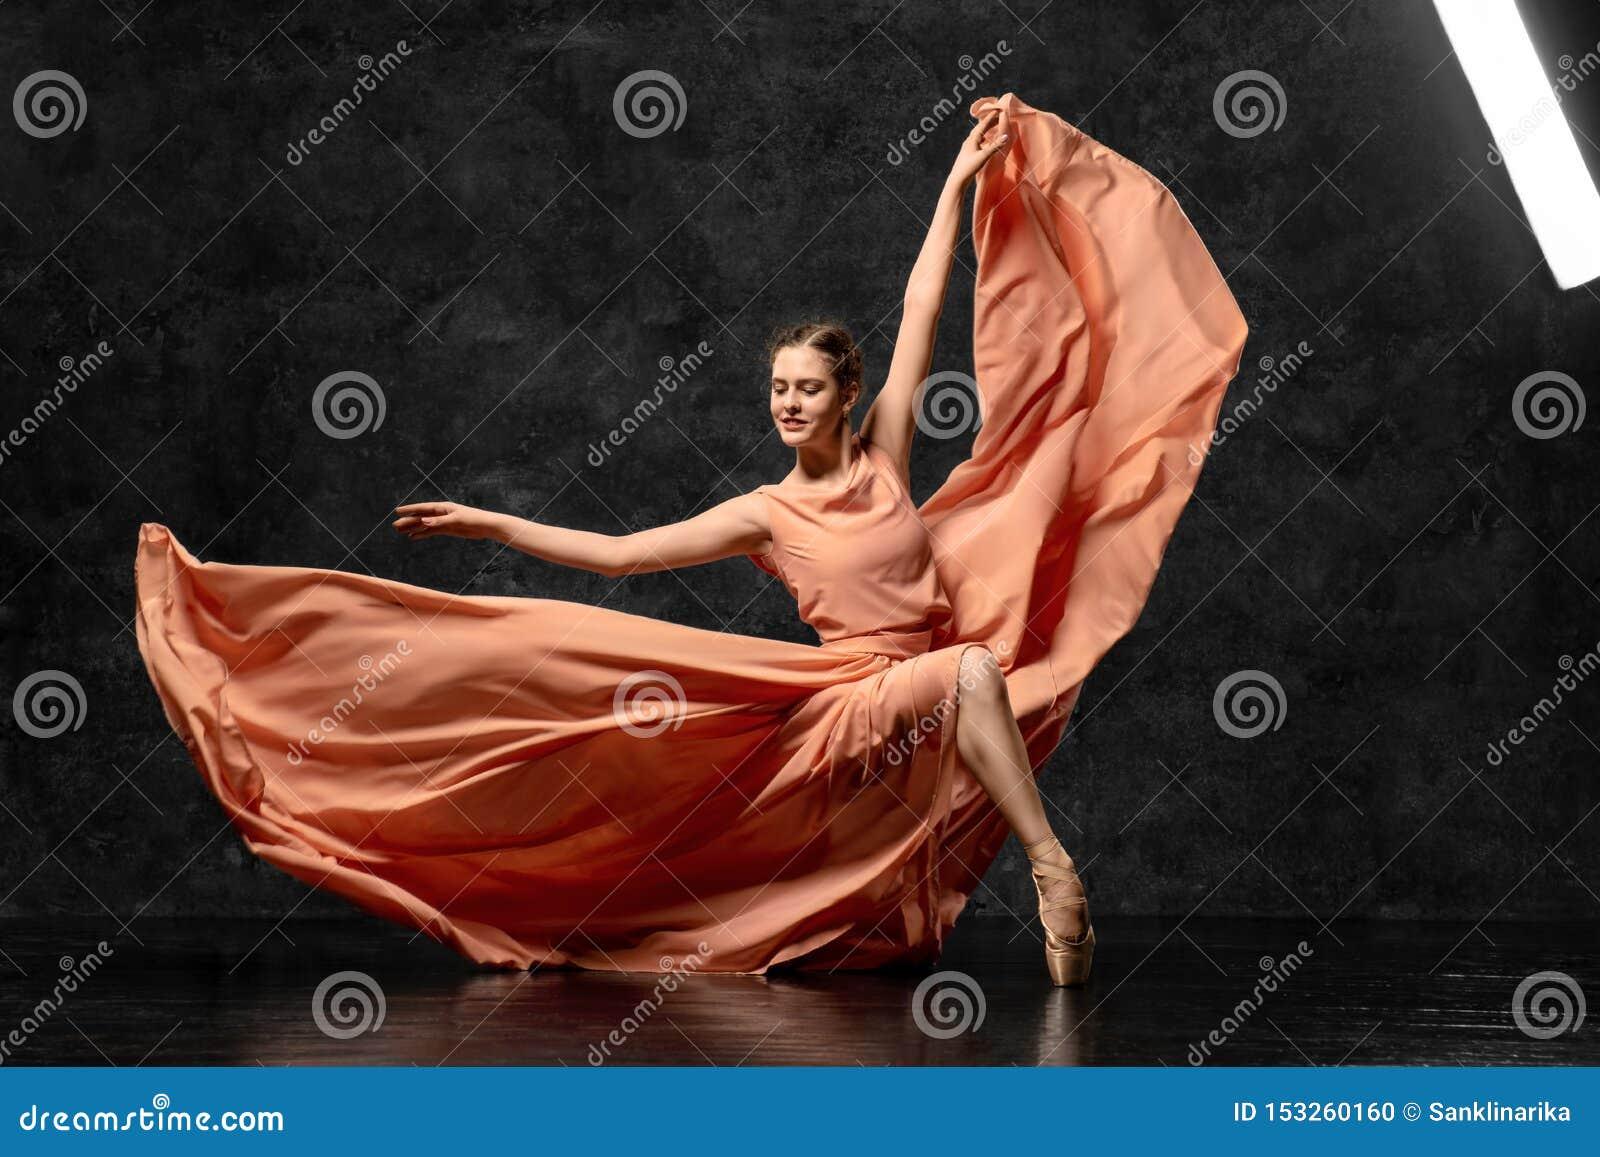 Młody baletniczy tancerz tanczy z wdziękiem na podłodze baletniczy studio Piękny klasyczny balet